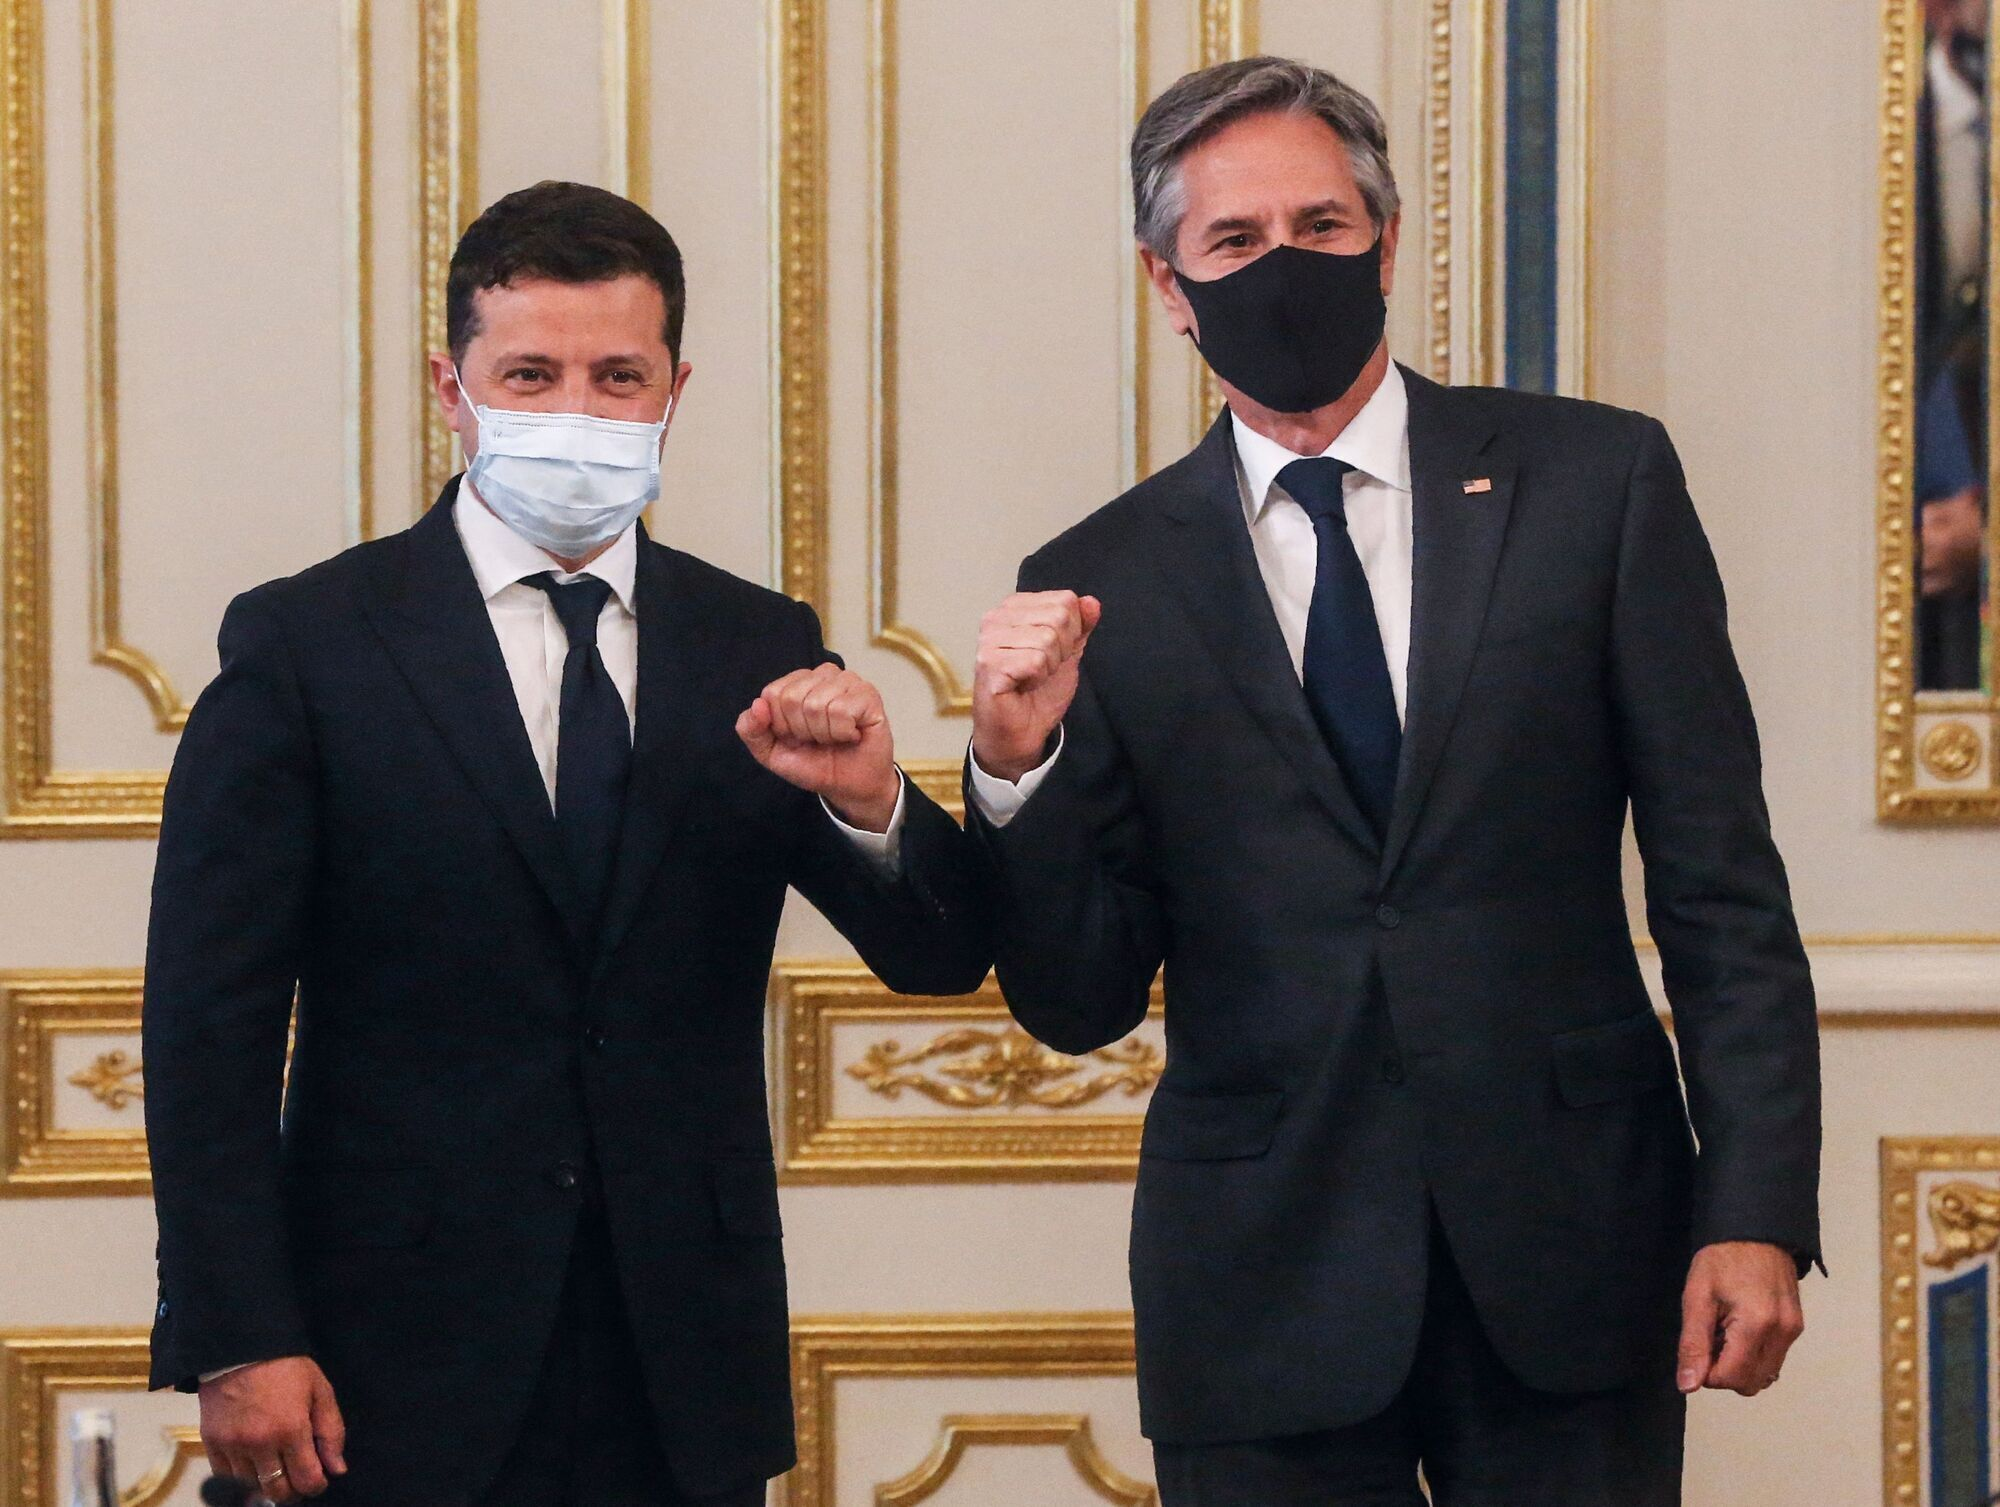 Держсекретар США Ентоні Блінкен зустрівся з президентом України Володимиром Зеленським